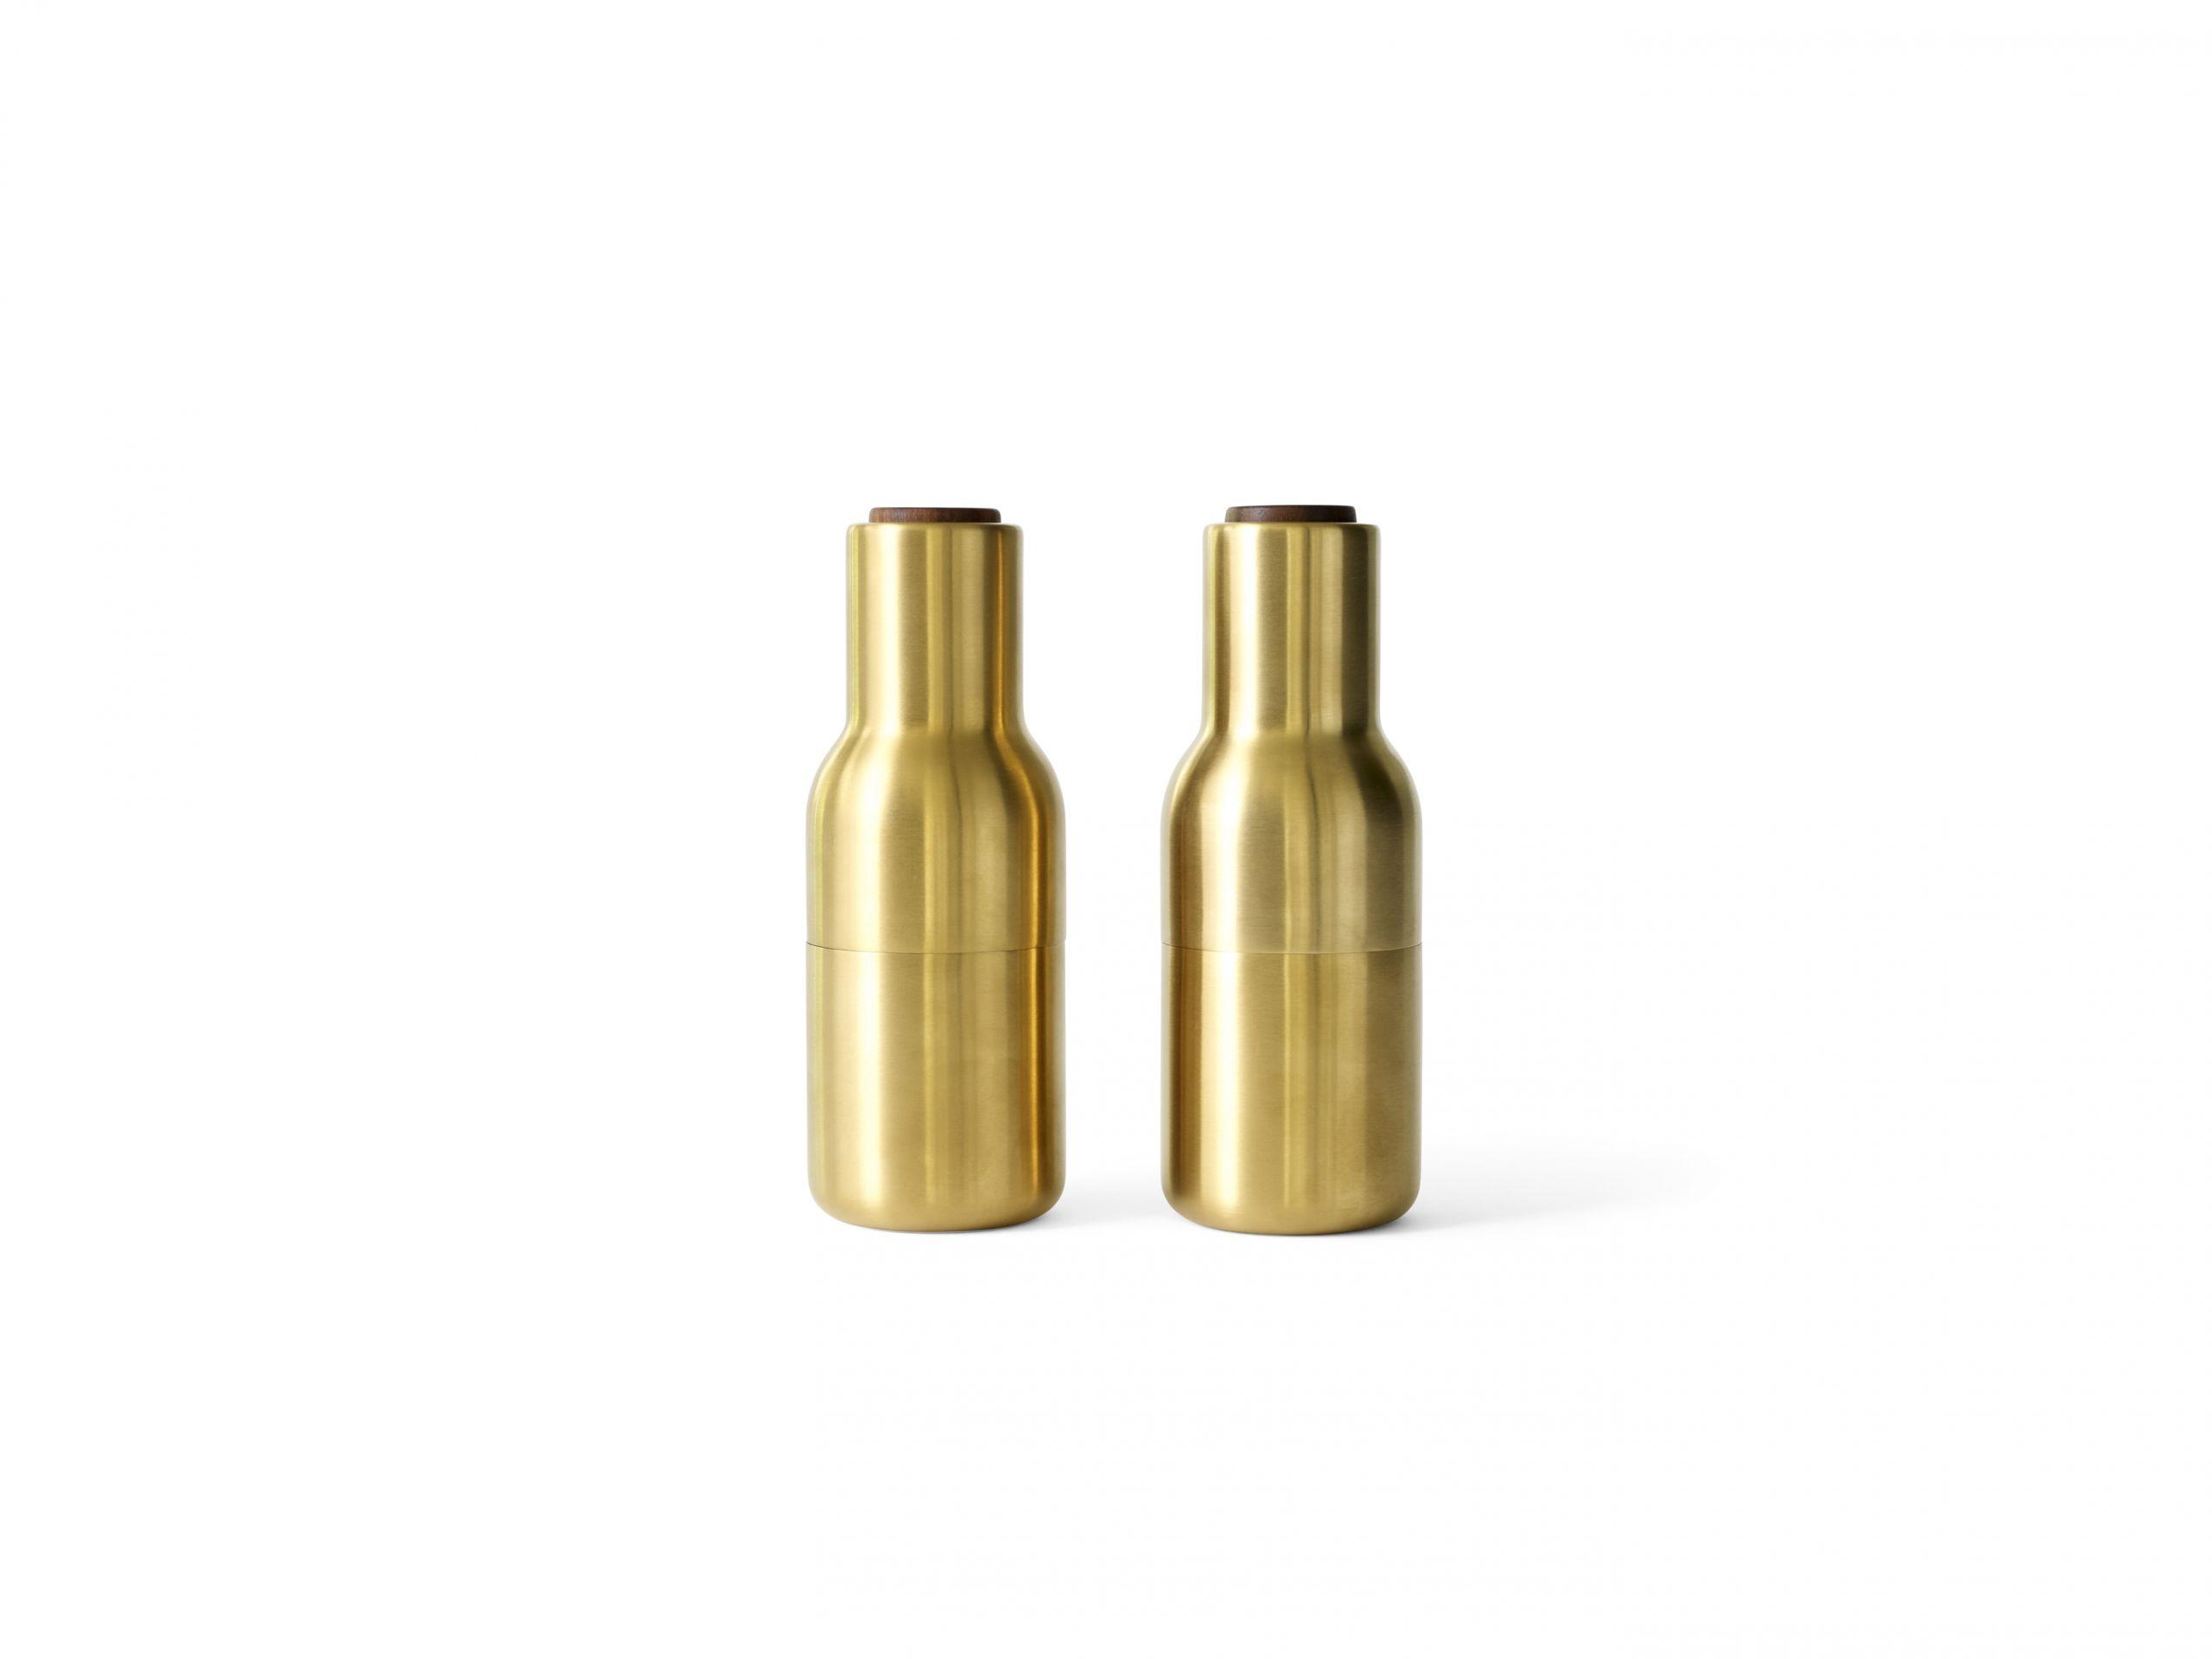 Menu Bottle Grinder Walnut Lid Brushed Brass 2-pack